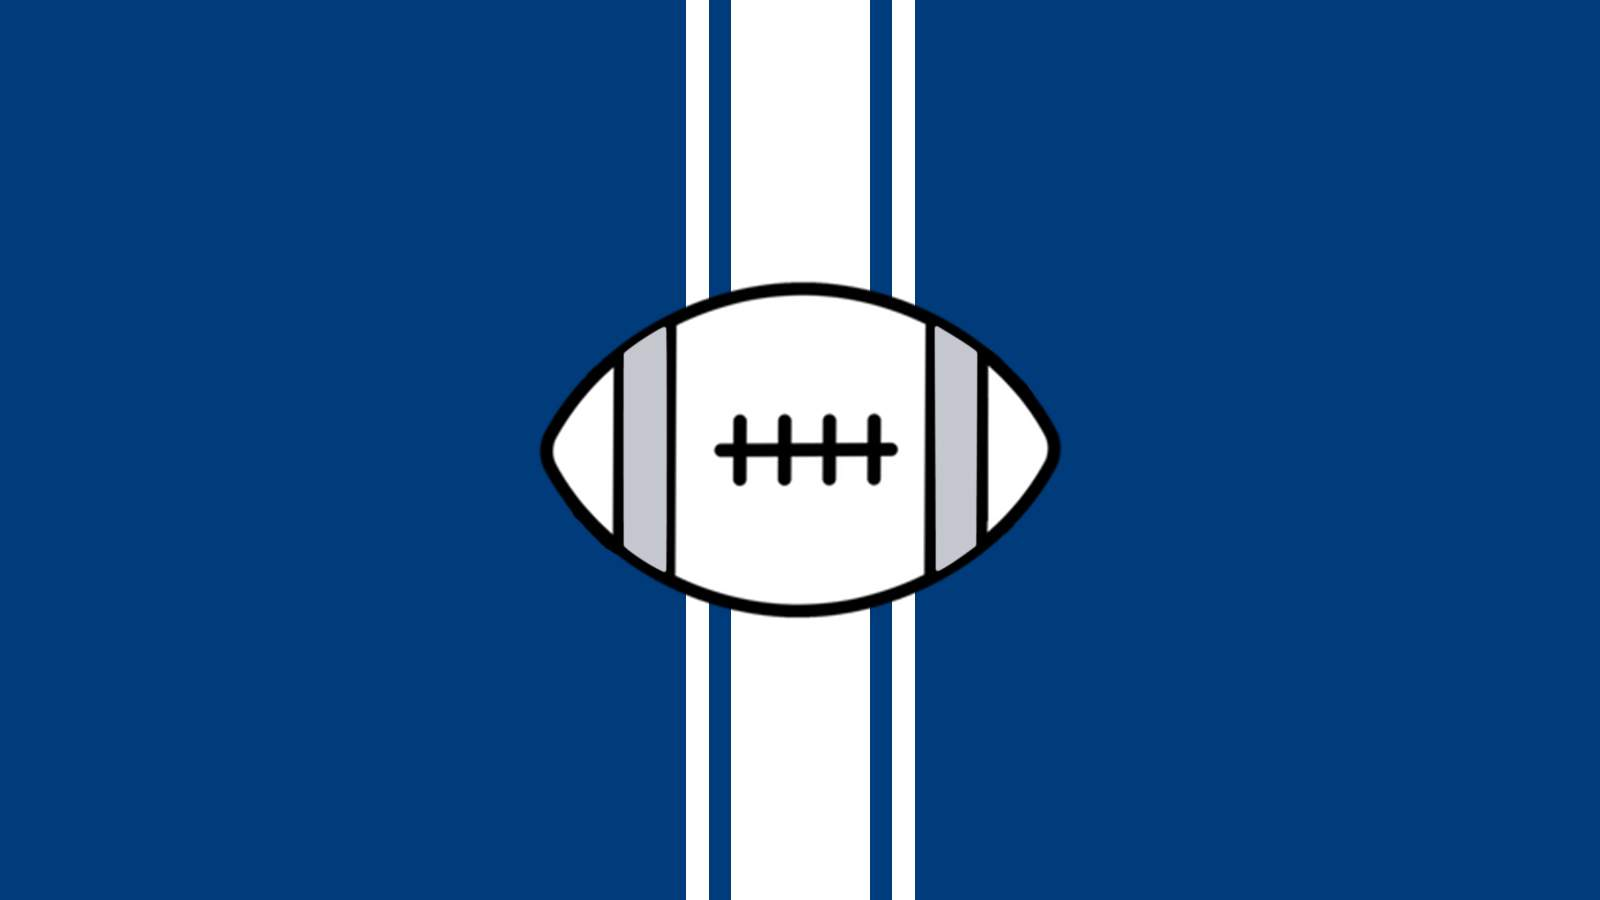 Baltimore Ravens at Indianapolis Colts (Reduced Capacity, Social Distancing)